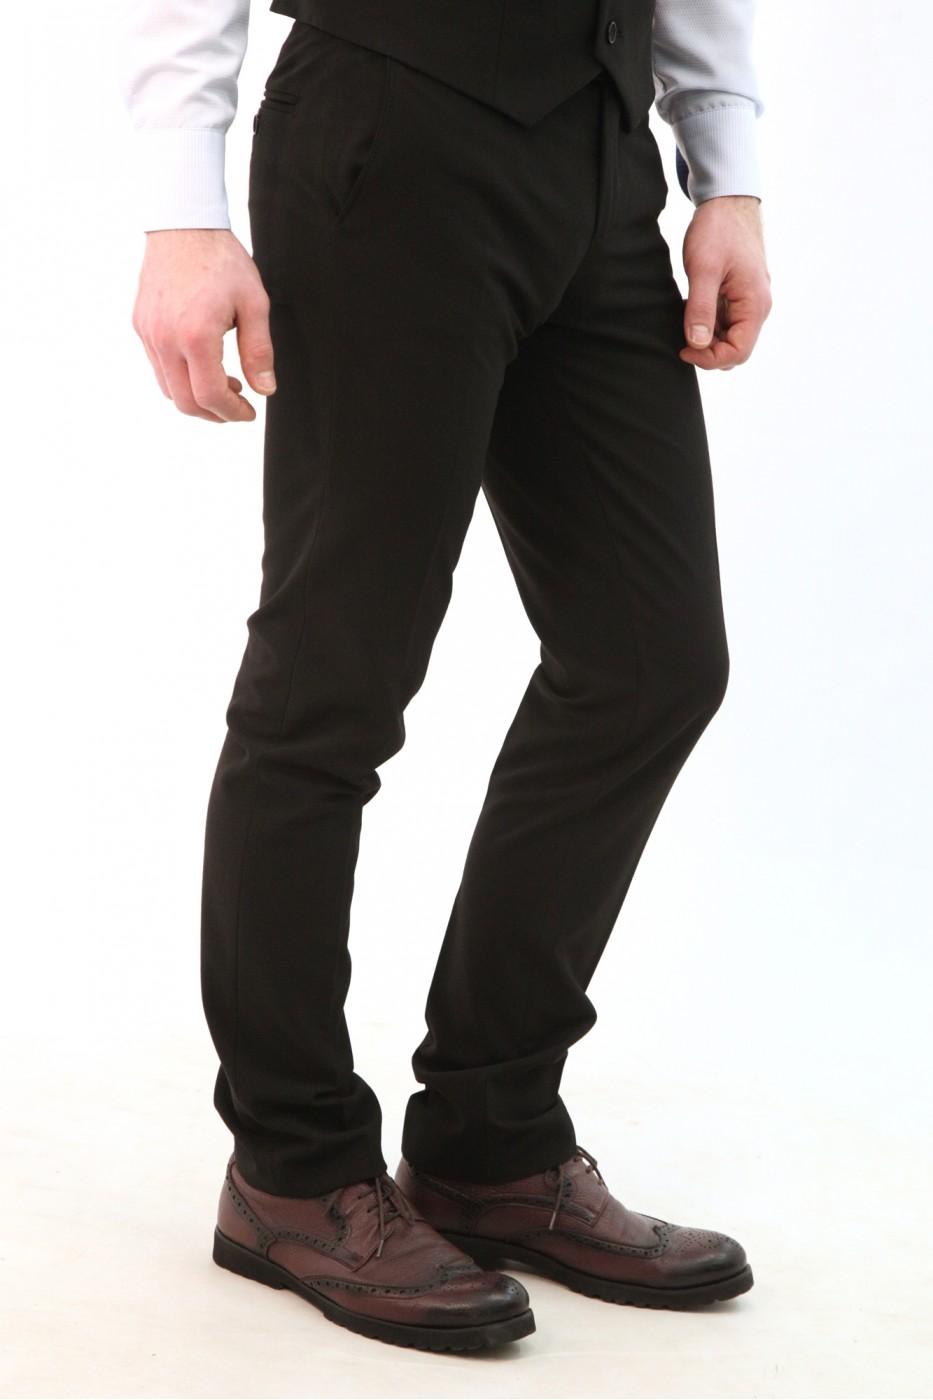 Чёрные мужские брюки кэжуал 2106Б (NORMA-552)